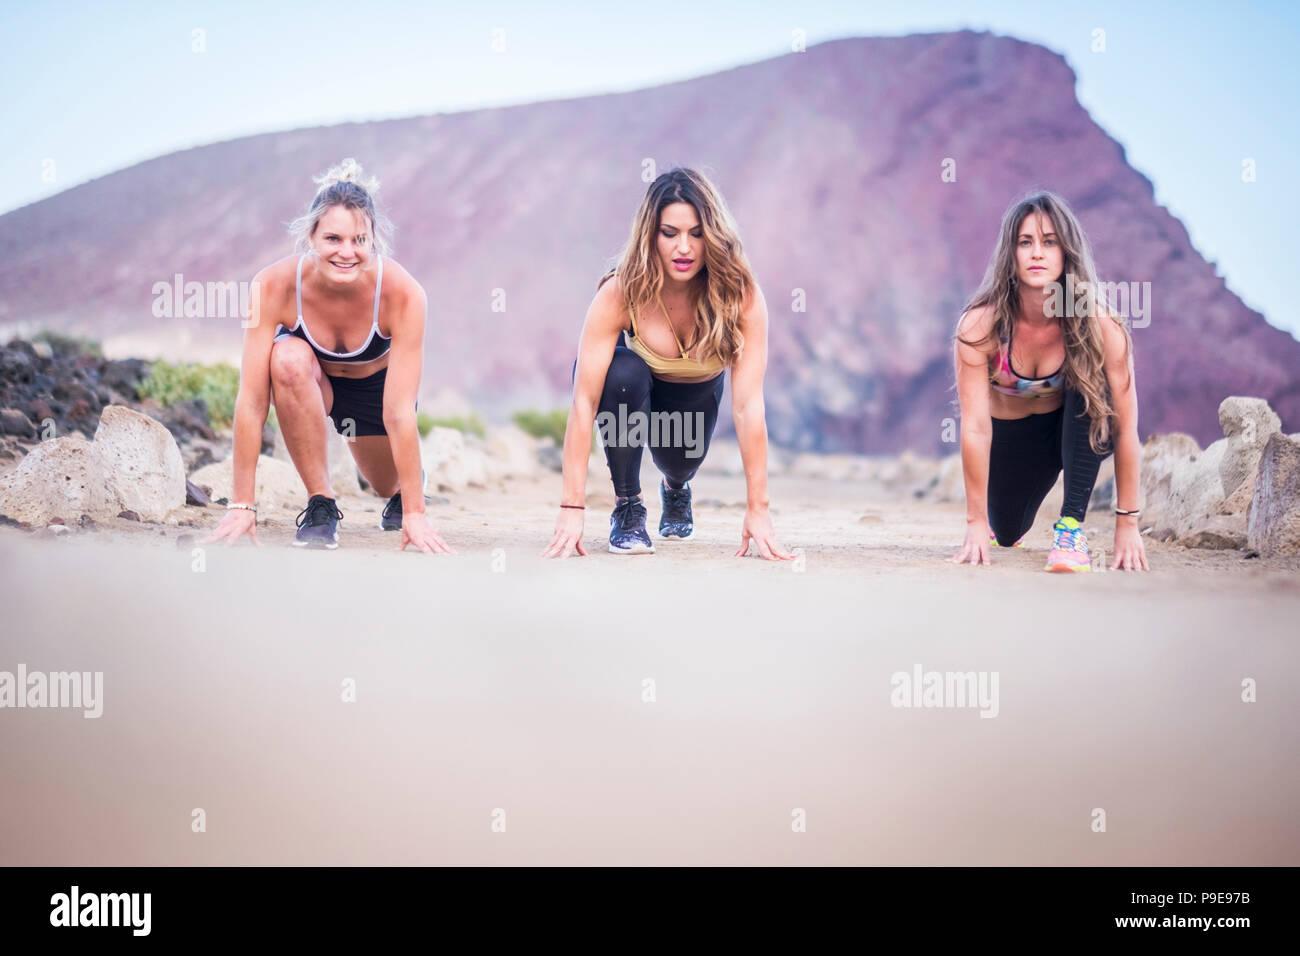 Drei schöne runner Mädchen Jungen bereit zum Start und für hartes Training und Fitness outdoor Aktivität ausgeführt werden. Ihre neuen und starken Körper, in der Nähe des Strandes bauen Stockbild